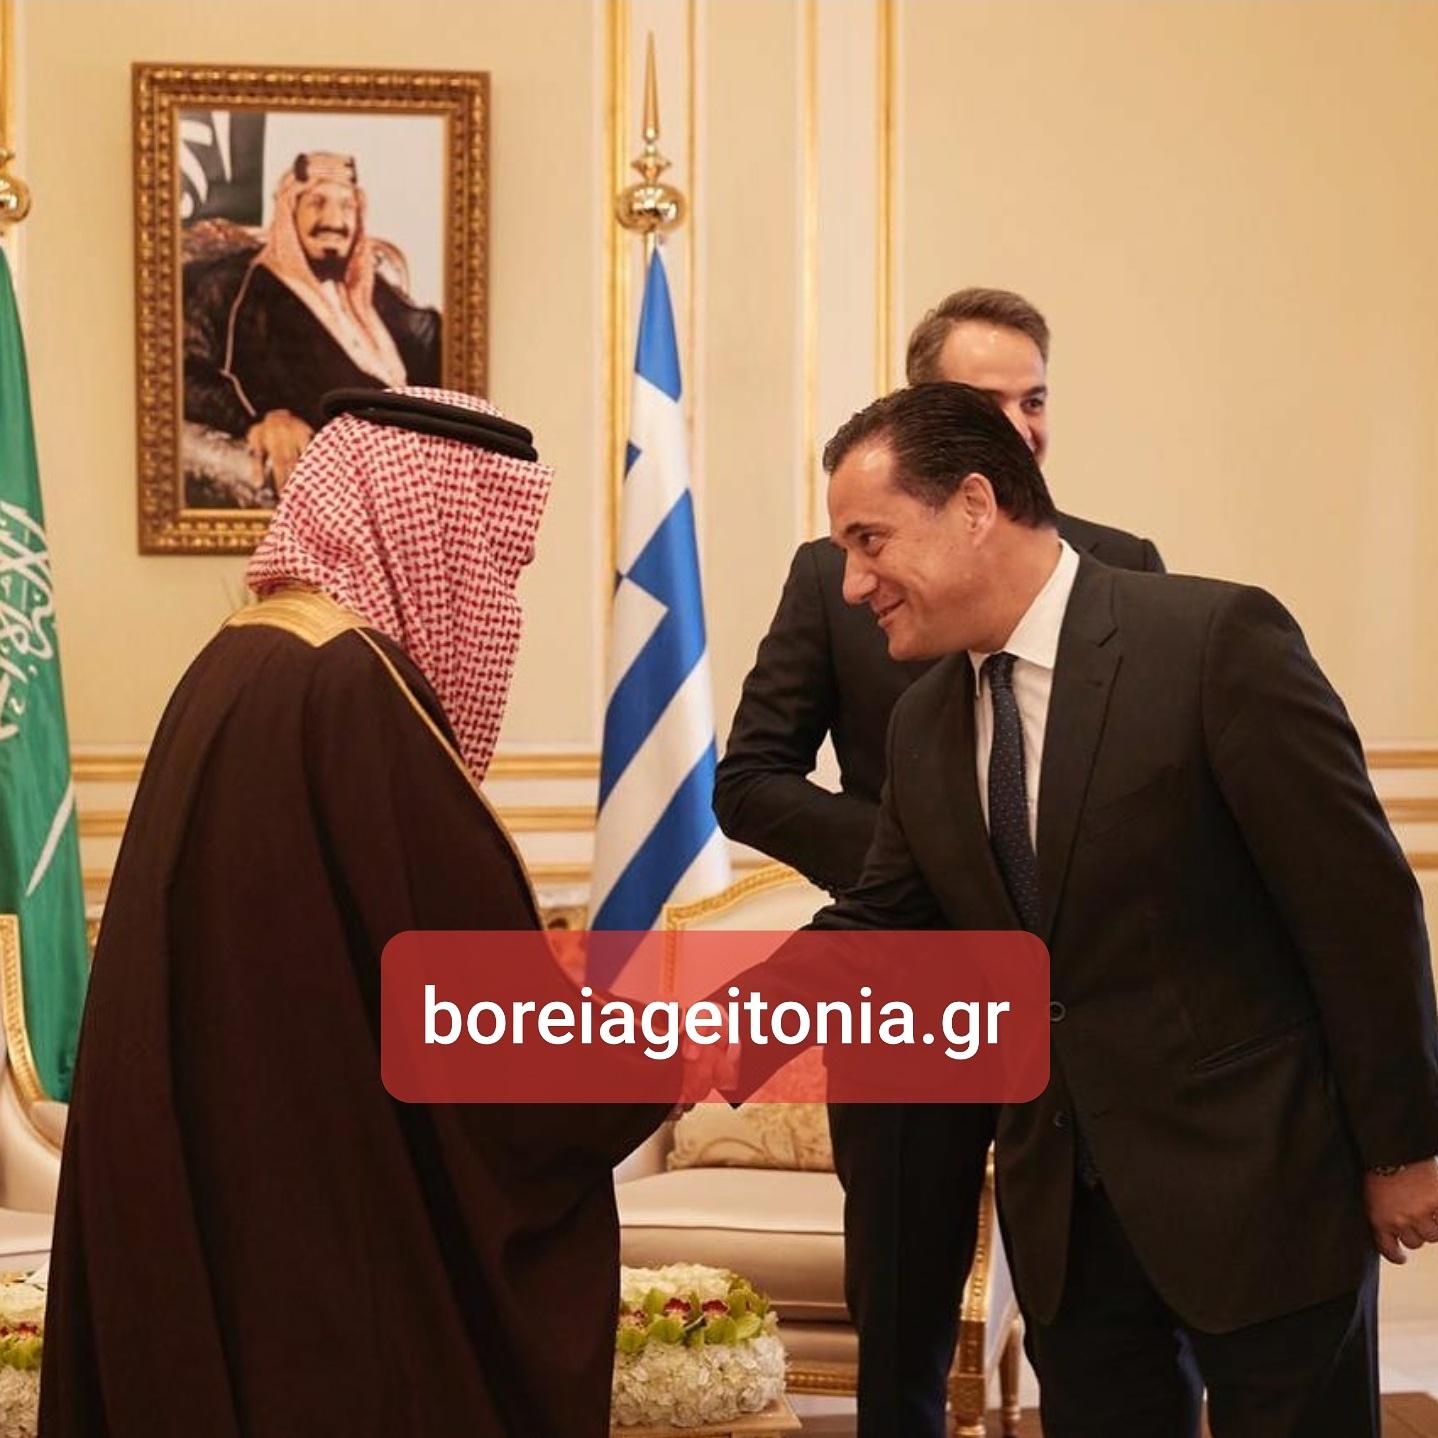 Άδωνις Γεωργιάδης: Στο Ριάντ με τον Πρωθυπουργό στην Σαουδική Αραβία